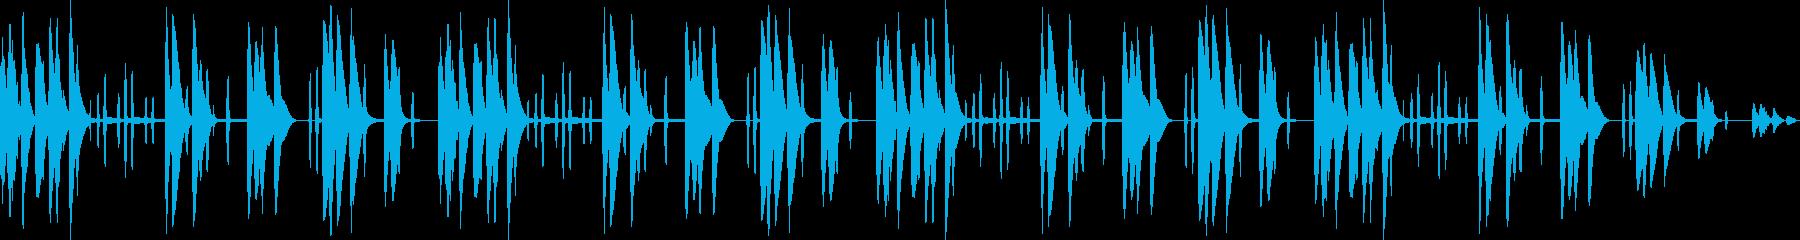 ほのぼの木琴の優しいメロディの再生済みの波形